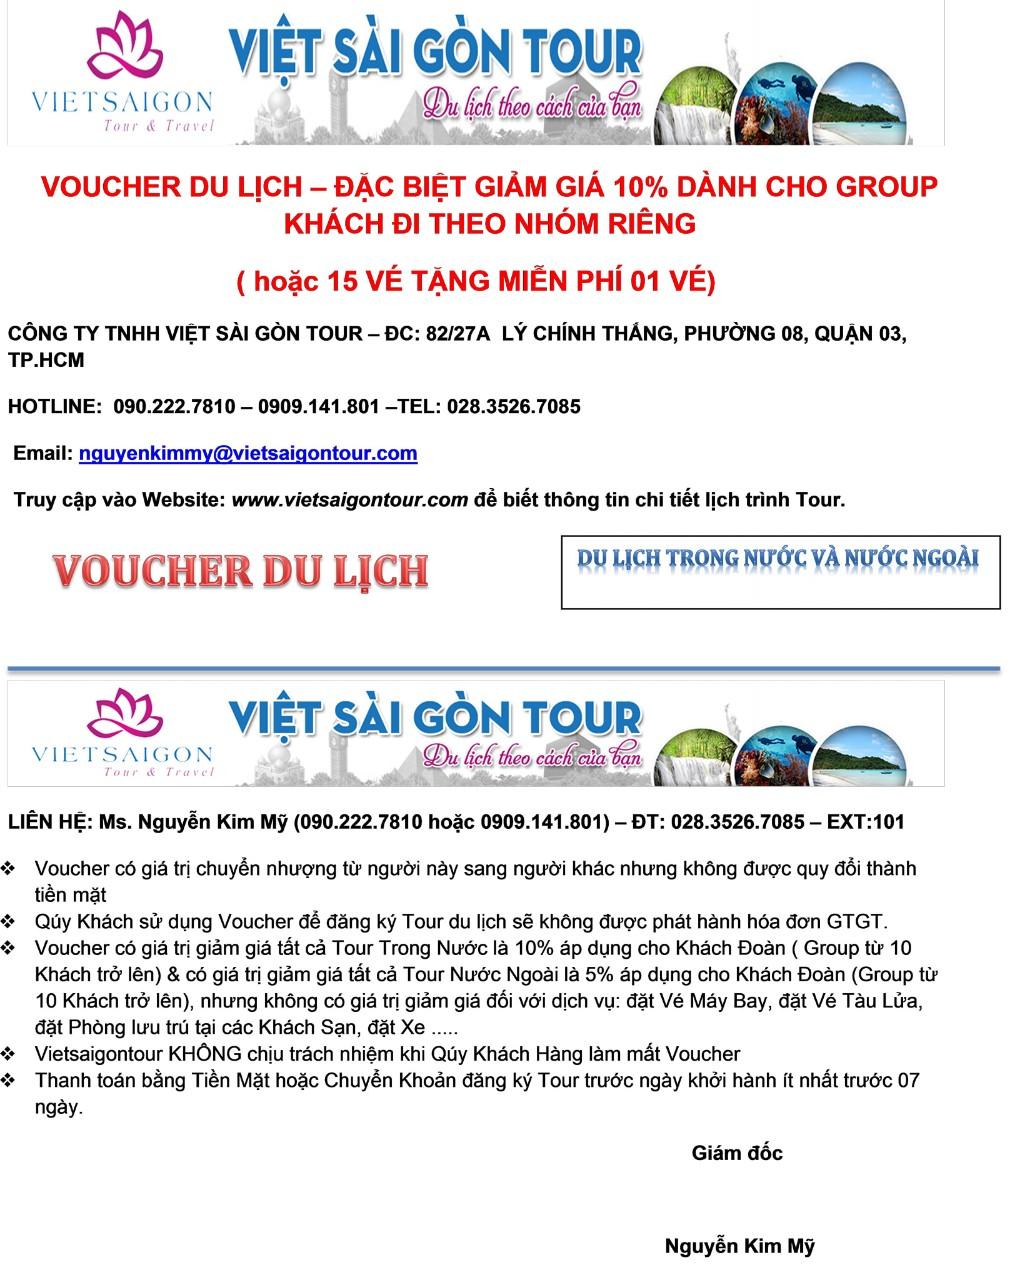 Voucher du lịch - đặc biệt giảm giá 10% dành cho Group khách đi theo nhóm riêng